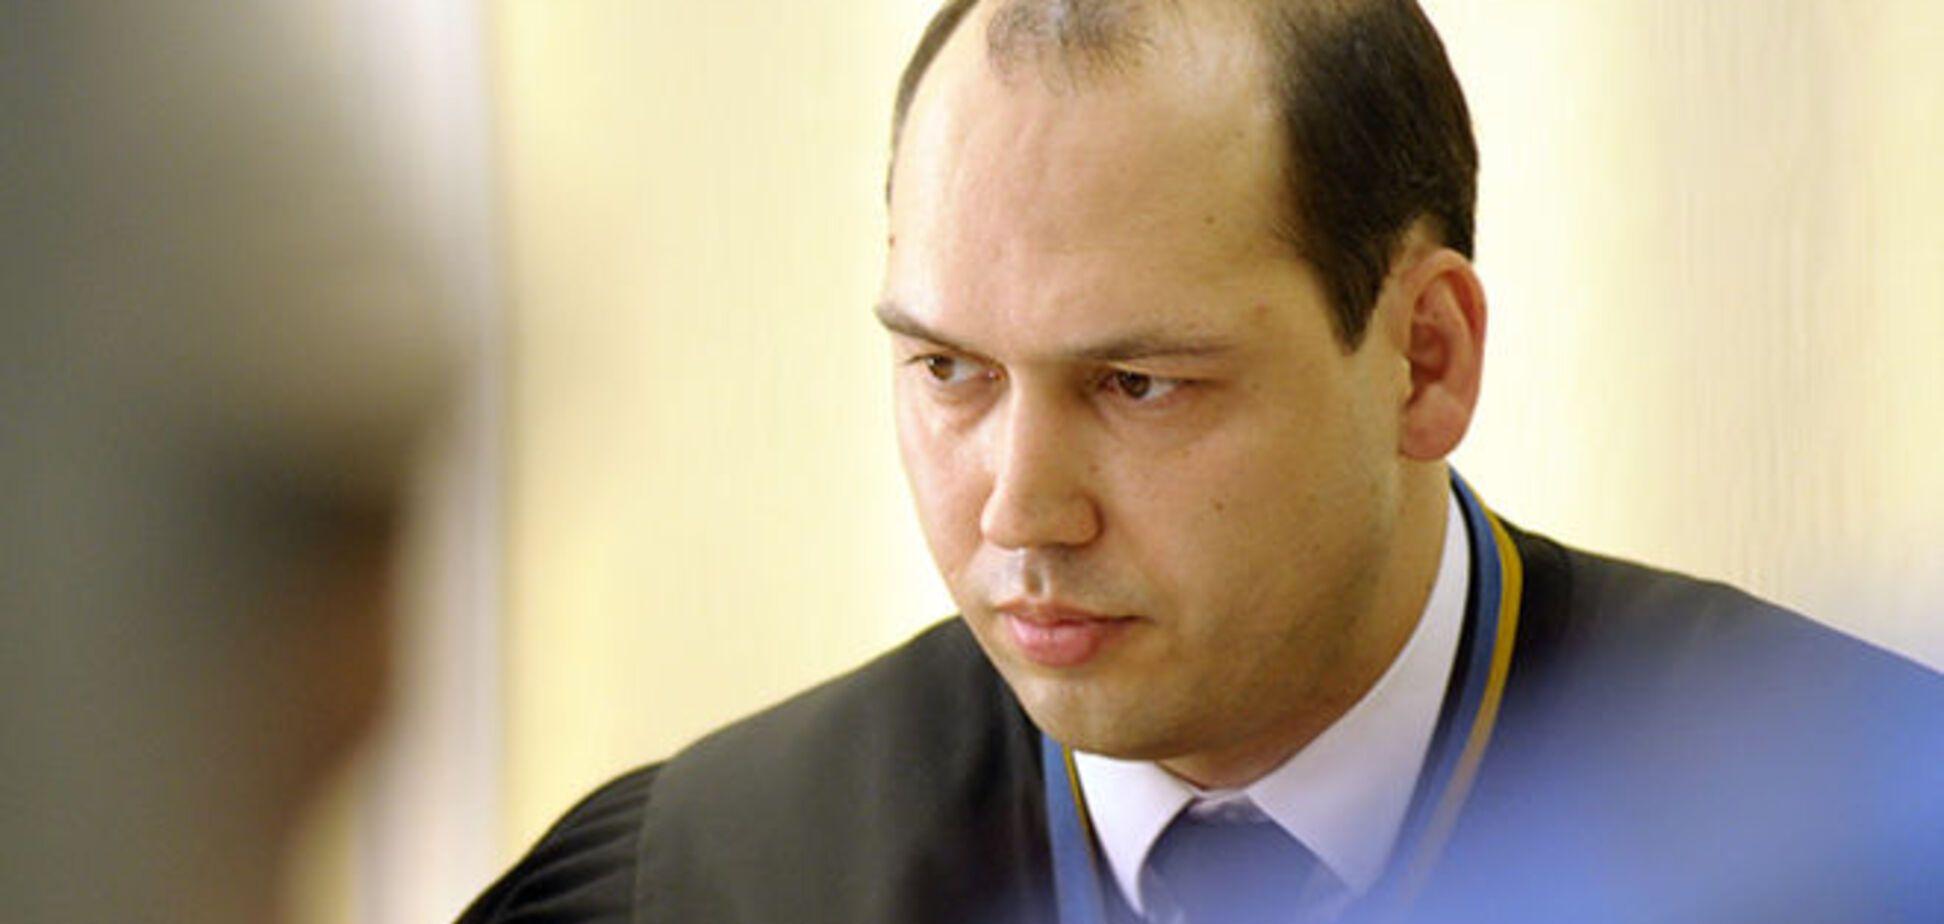 Скандальное дело. Голосеевский суд не увидел оснований для ареста судьи Вовка